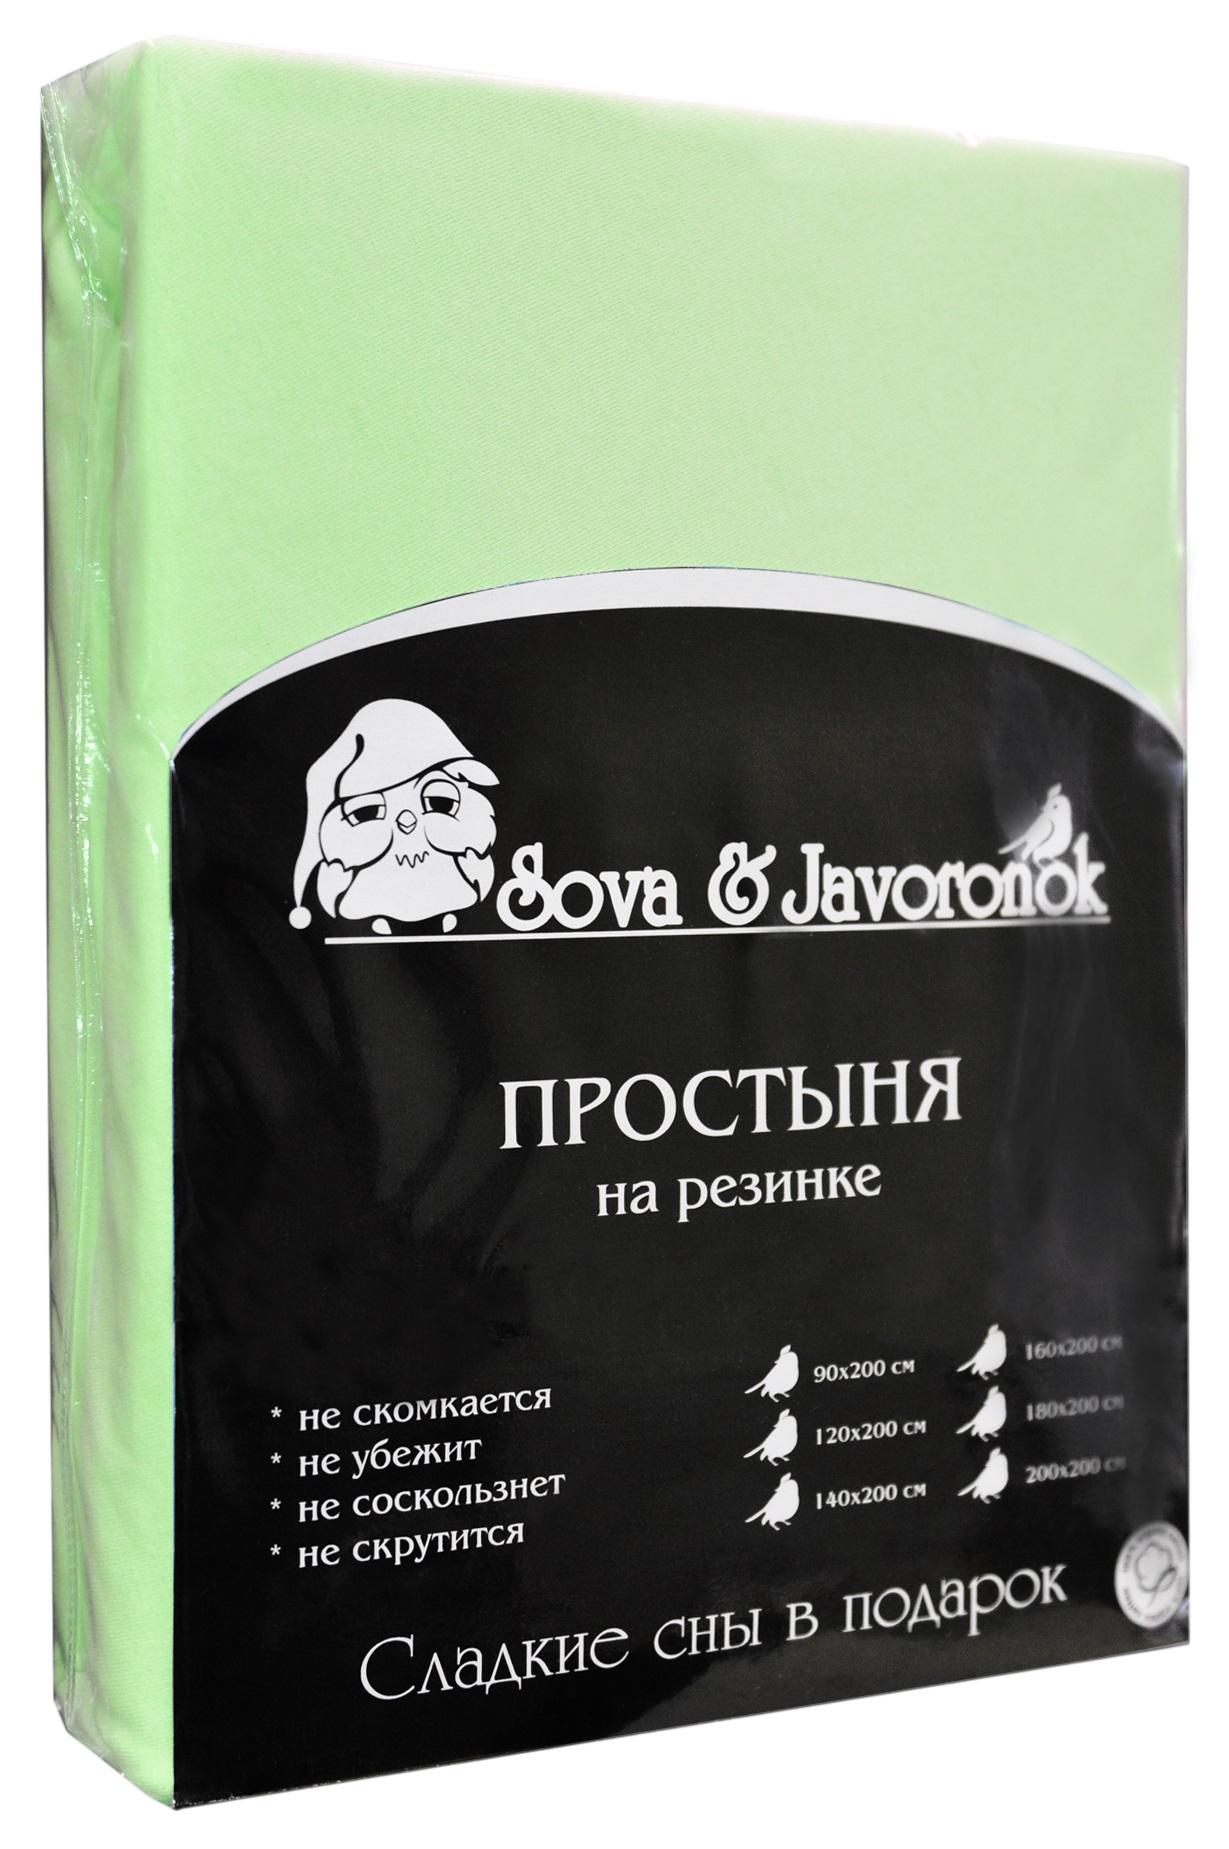 Простыня на резинке Sova & Javoronok, цвет: светло-зеленый, 200 см х 200 см0803113883Простыня на резинке Sova & Javoronok, изготовленная из трикотажной ткани (100% хлопок), будет превосходно смотреться с любыми комплектами белья. Хлопчатобумажный трикотаж по праву считается одним из самых качественных, прочных и при этом приятных на ощупь. Его гигиеничность позволяет использовать простыню и в детских комнатах, к тому же 100%-ый хлопок в составе ткани не вызовет аллергии. У трикотажного полотна очень интересная структура, немного рыхлая за счет отсутствия плотного переплетения нитей и наличия особых петель, благодаря этому простыня Сова и Жаворонок отлично пропускает воздух и способствует его постоянной циркуляции. Поэтому ваша постель будет всегда оставаться свежей. Но главное и, пожалуй, самое известное свойство трикотажа - это его великолепная растяжимость, поэтому эта ткань и была выбрана для натяжной простыни на резинке. Простыня прошита резинкой по всему периметру, что обеспечивает более комфортный отдых, так как она прочно удерживается на матрасе и...